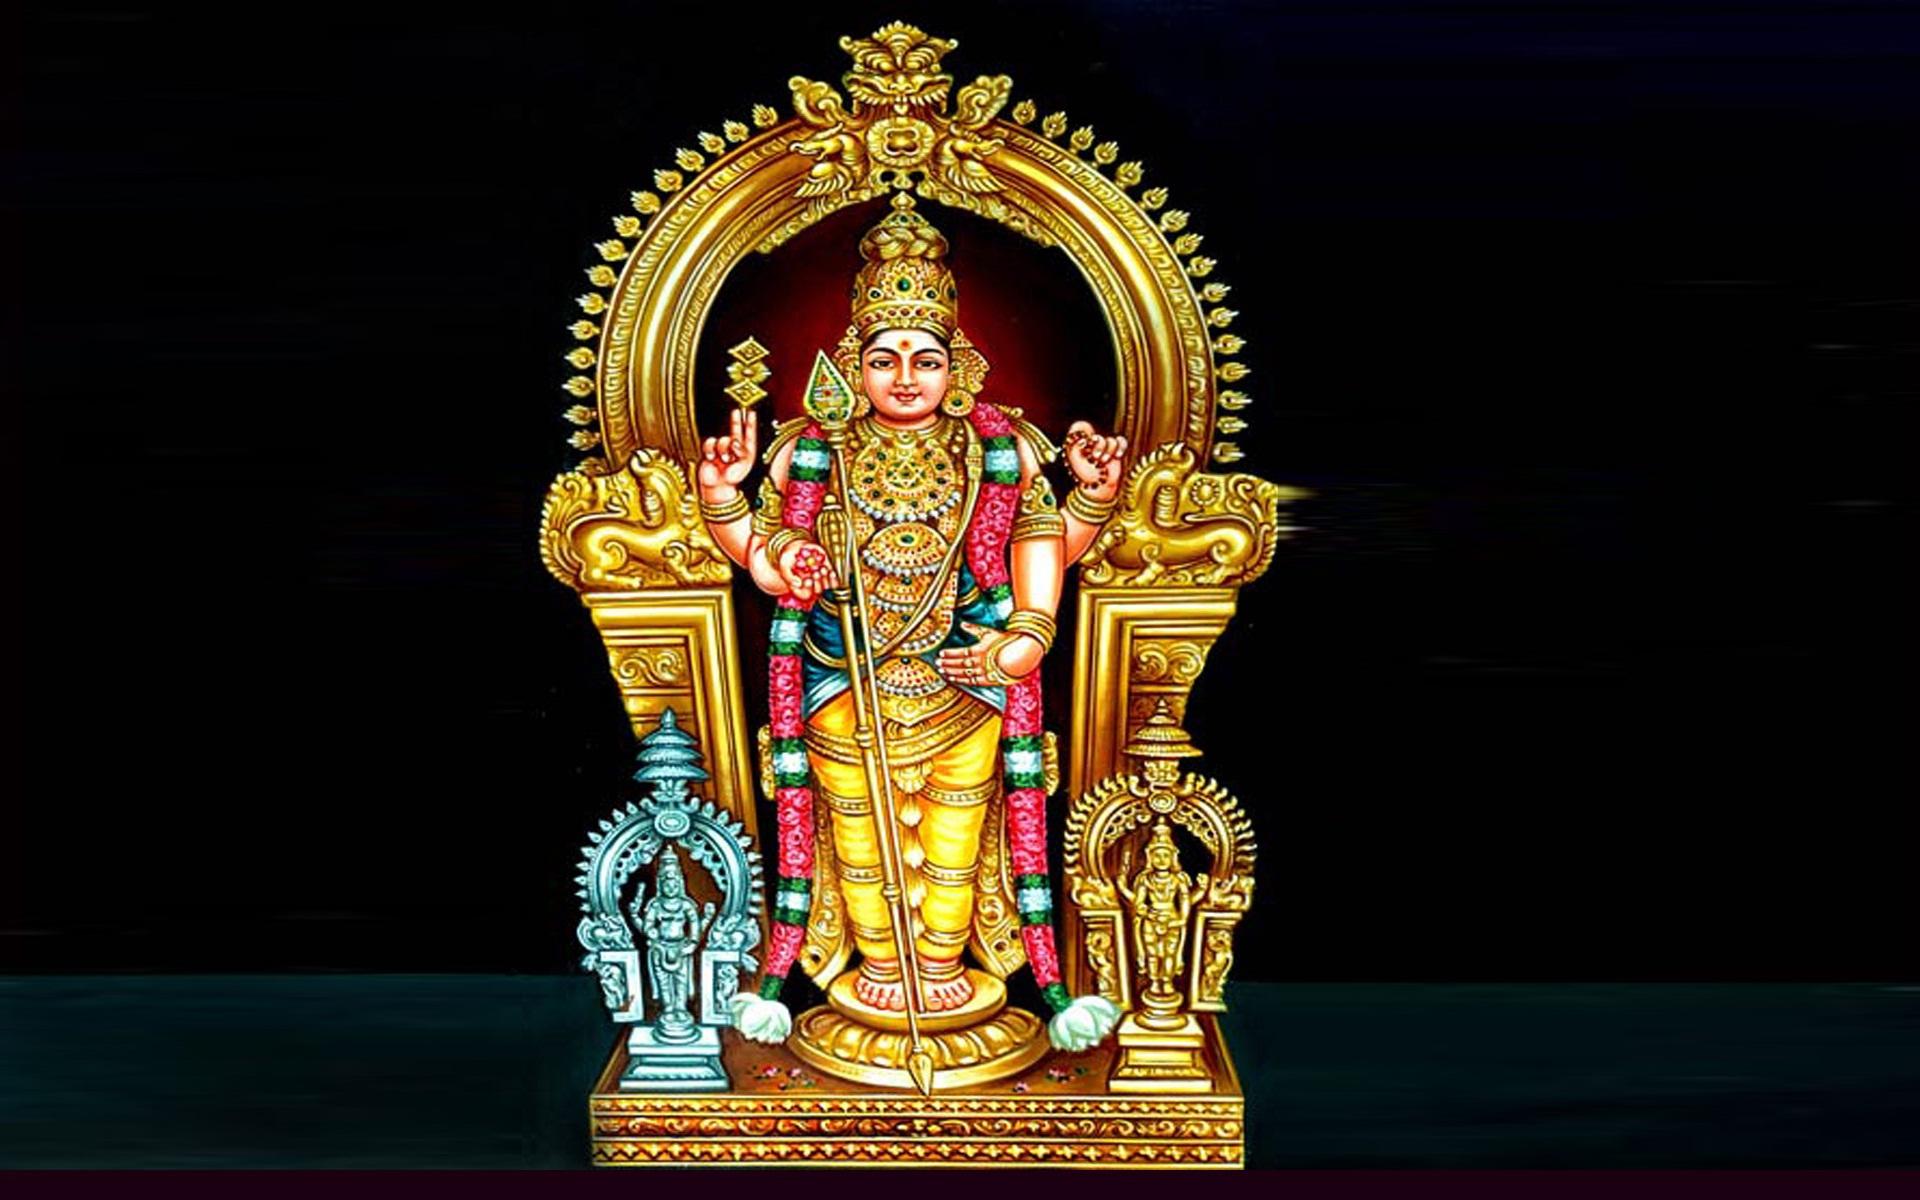 hindu god murugan tirumalesa